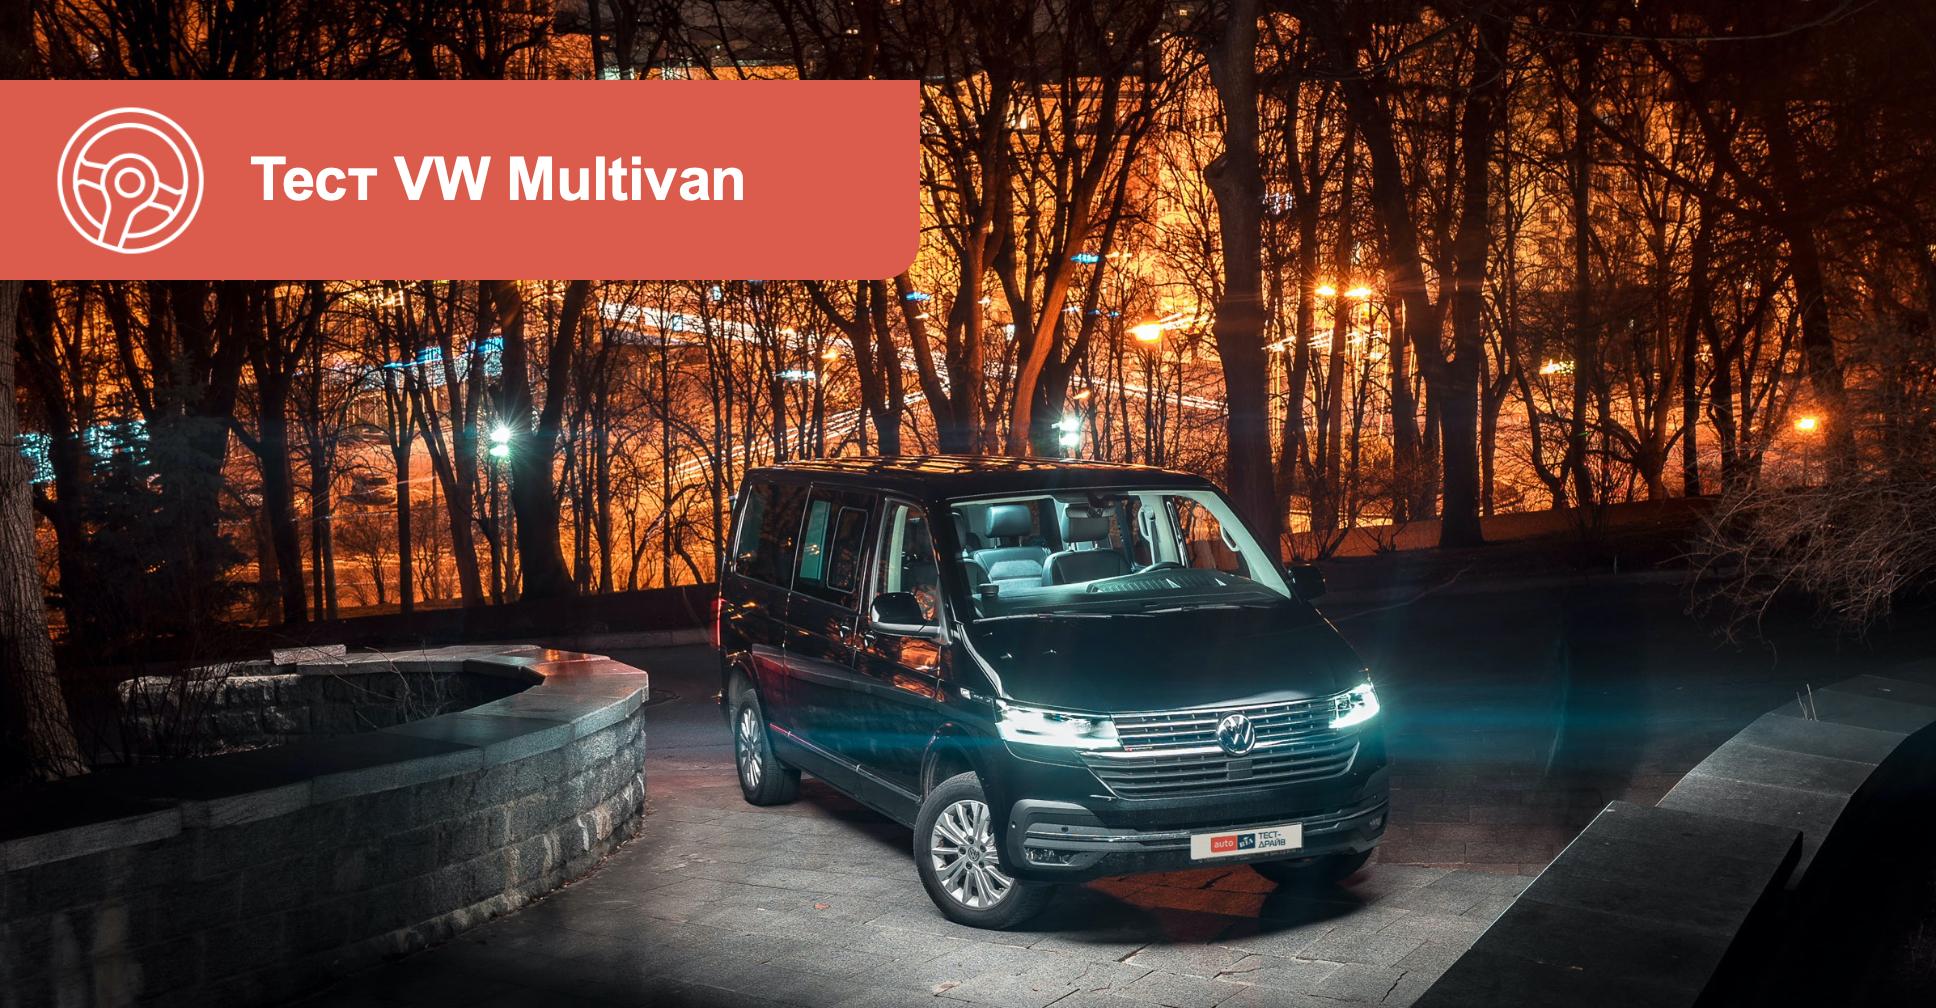 Фольксваген Мультивен 2021 тест драйв и обзор Volkswagen Multivan с фото